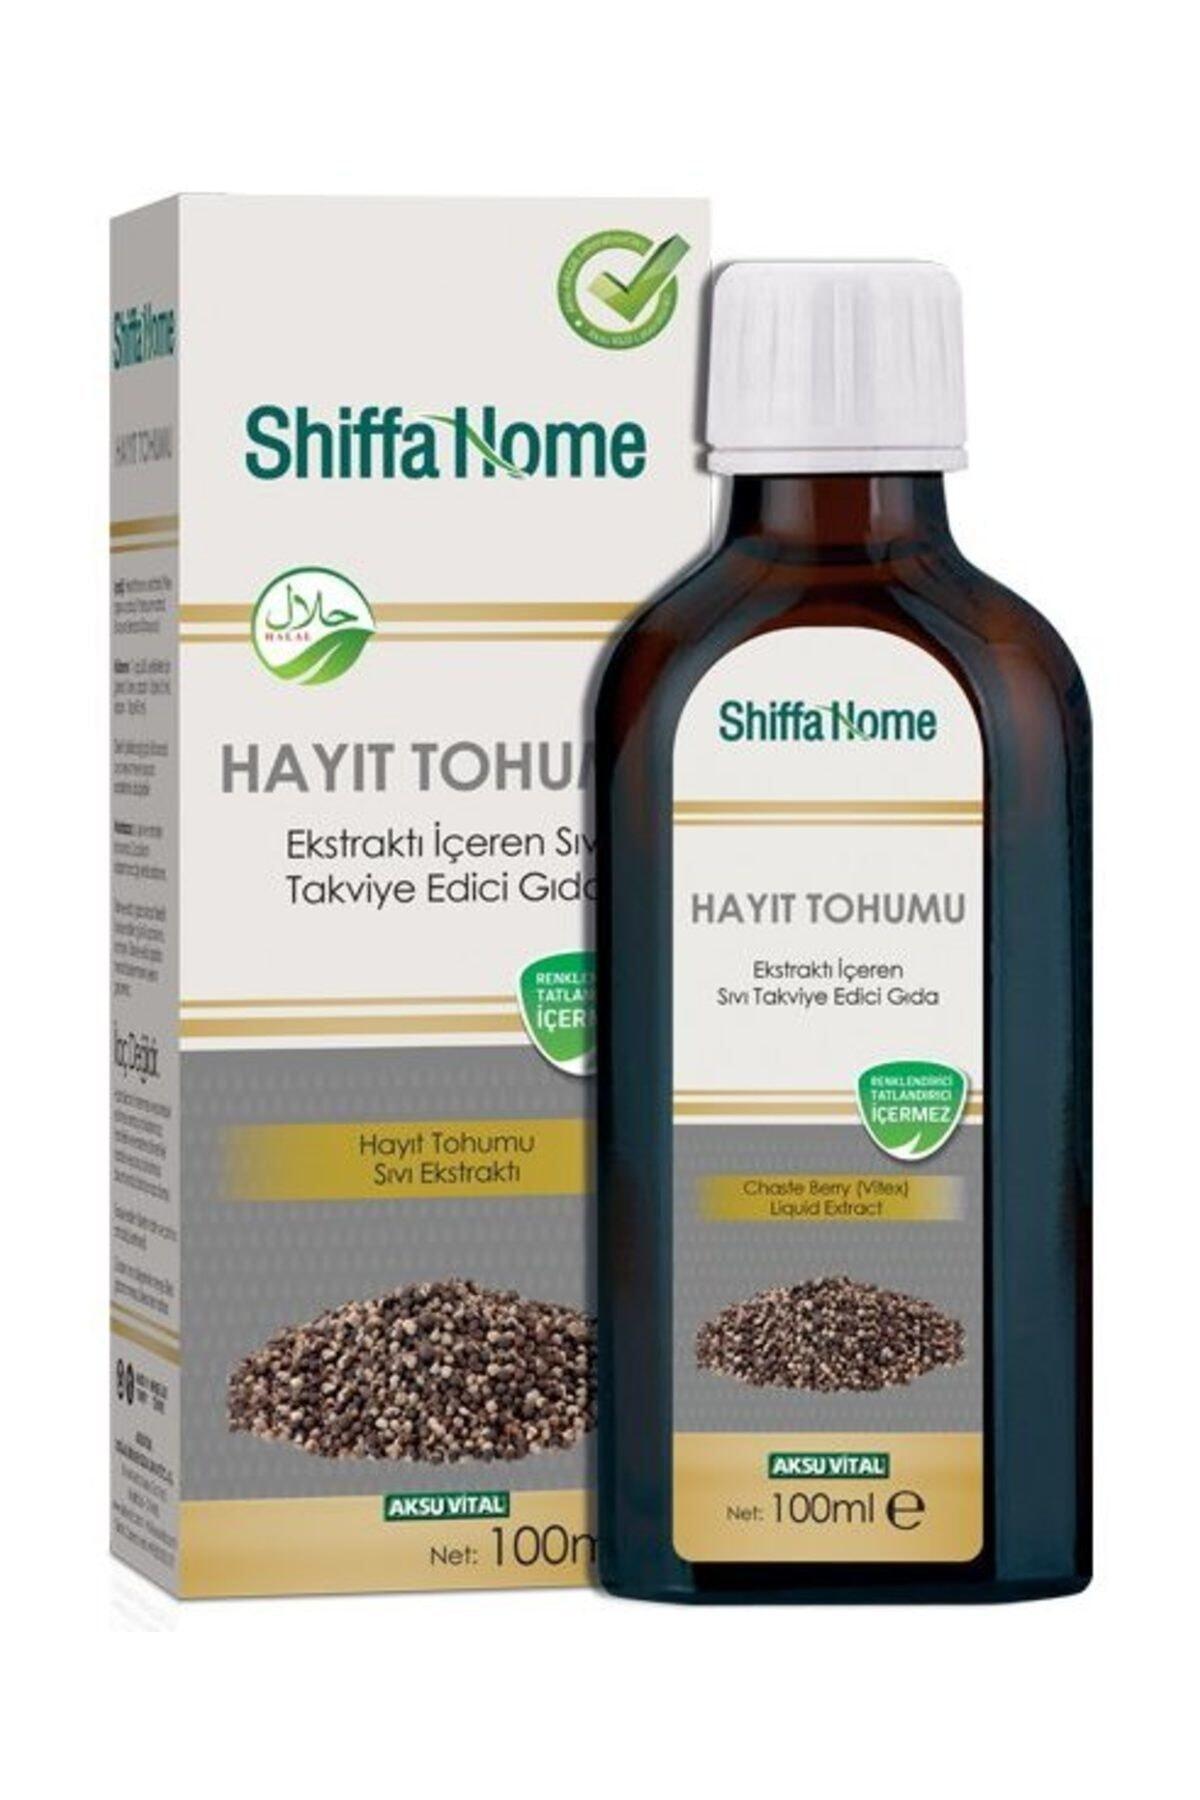 Shiffa Home Hayıt Tohumu Ekstratı Içeren Sıvı 100ml 1